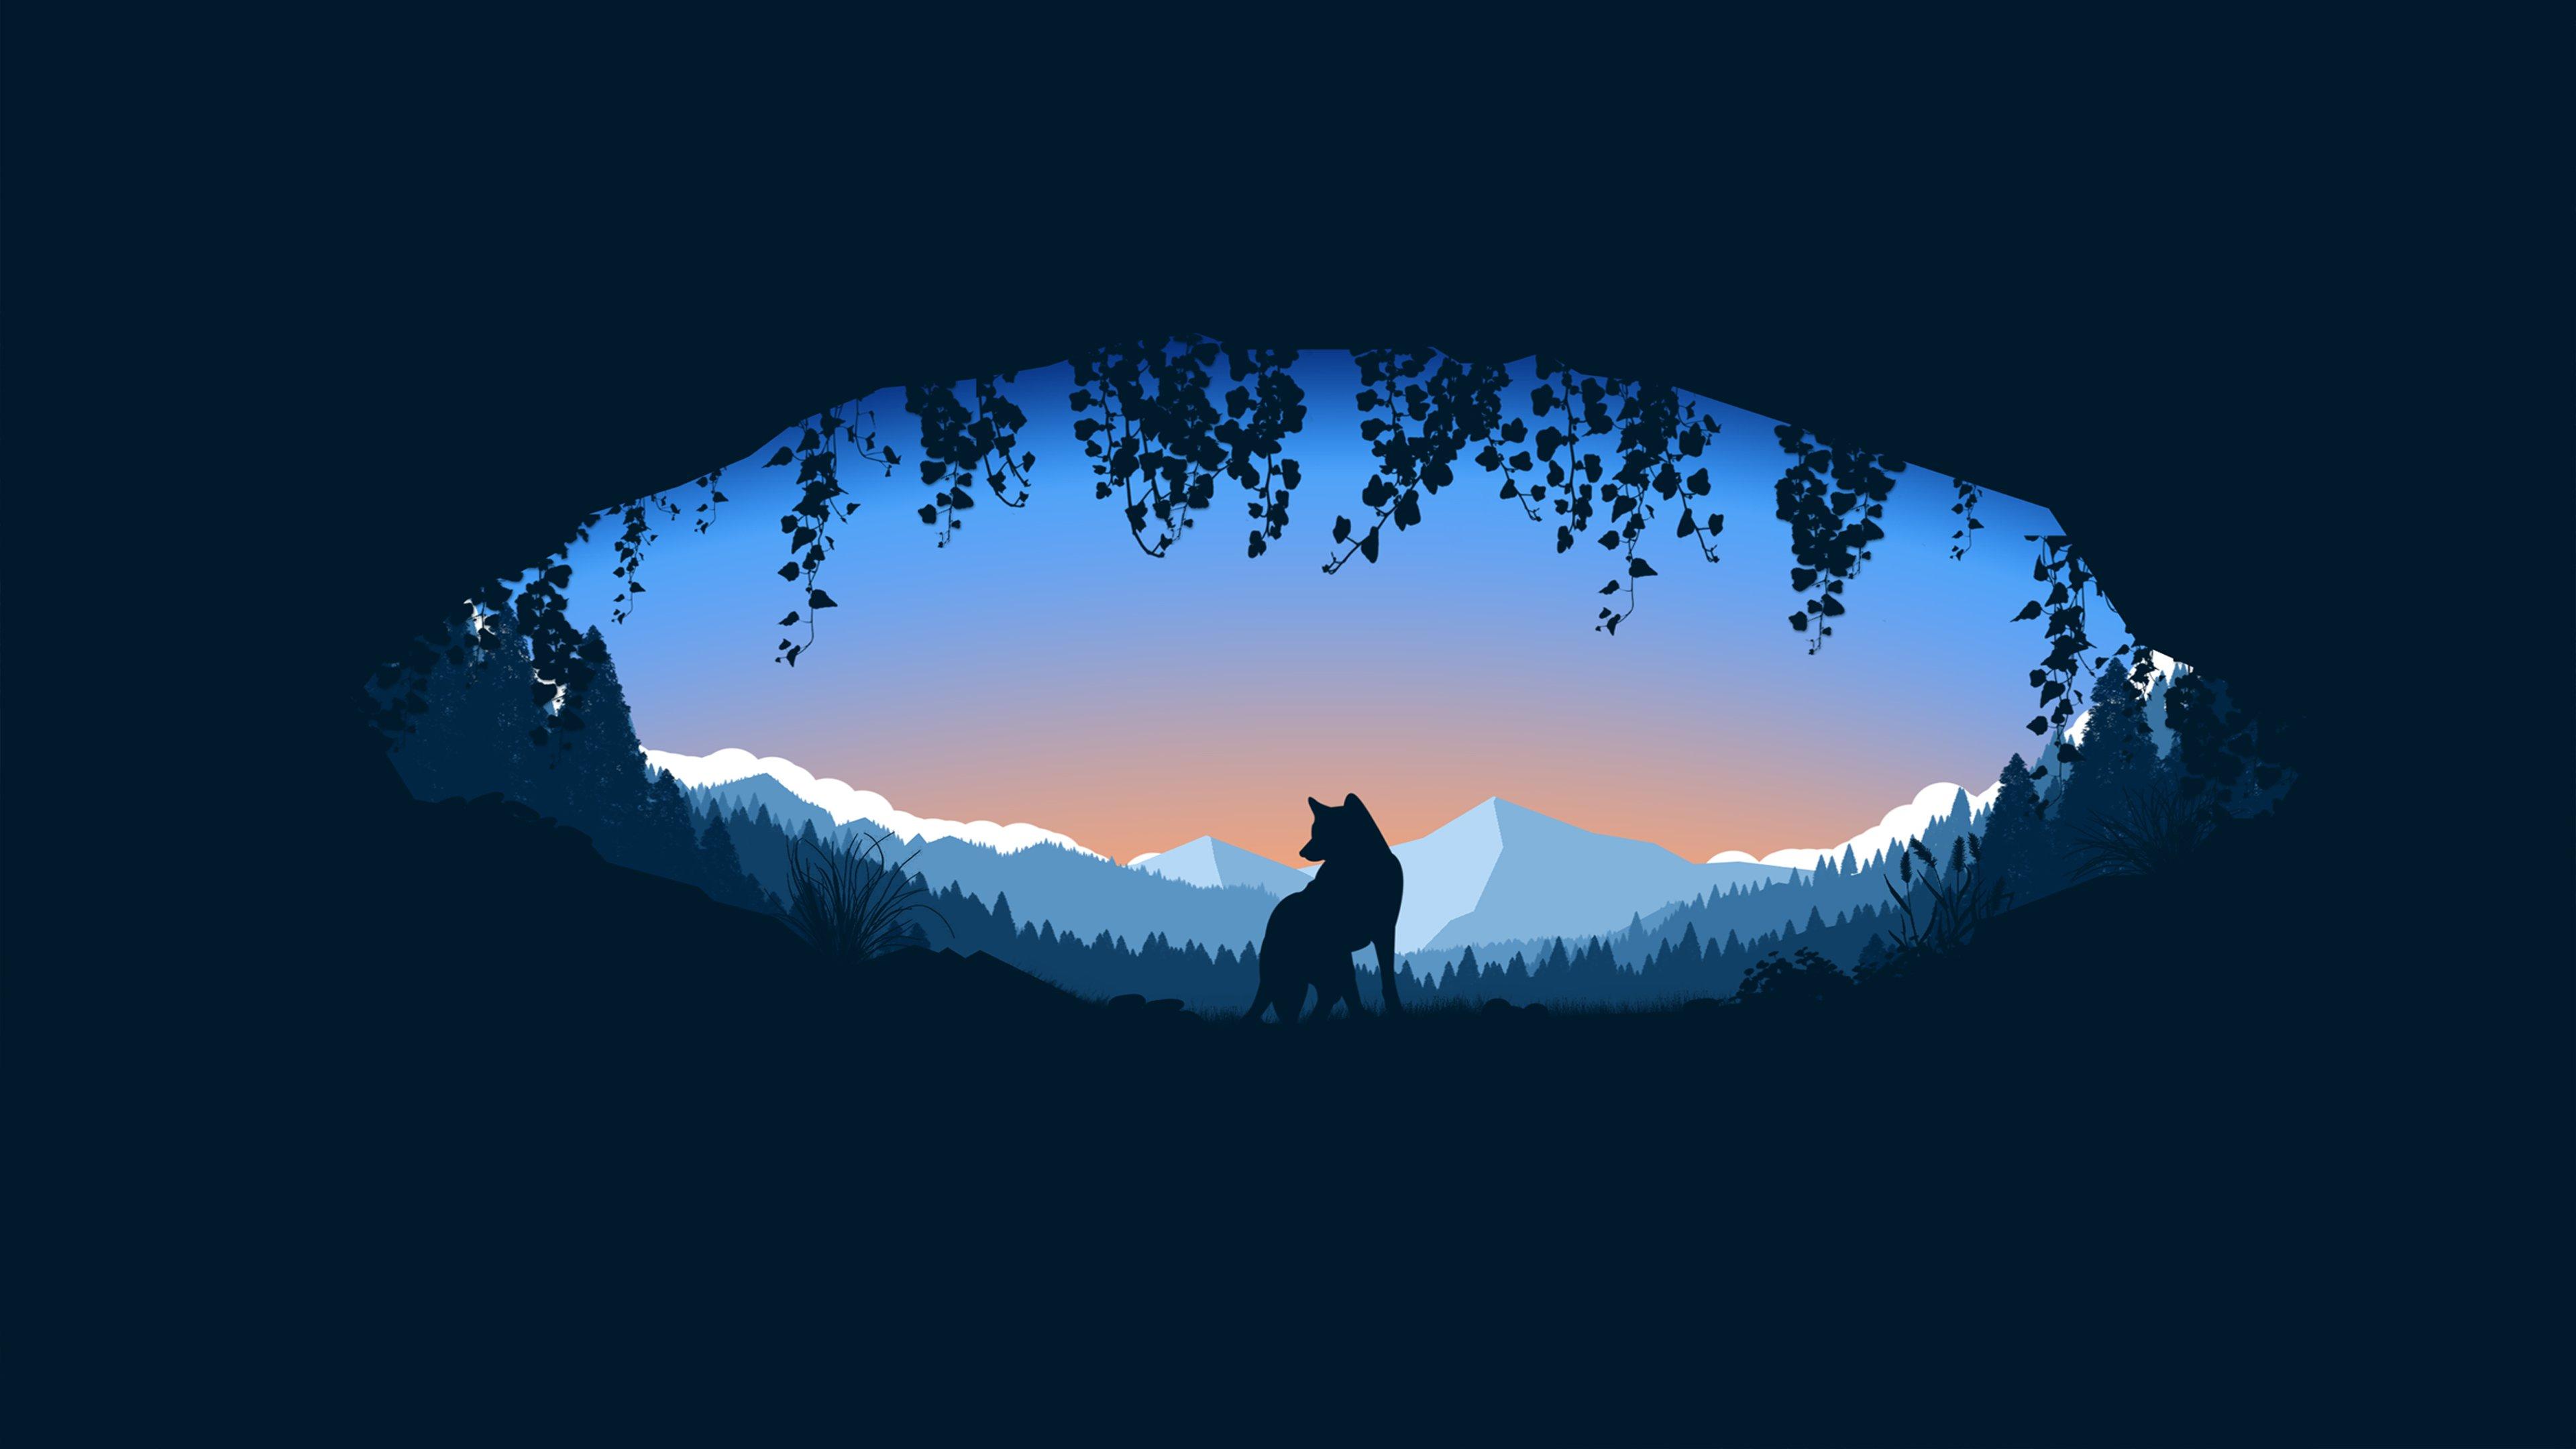 Fondos de pantalla Lobo en cueva sobre montañas